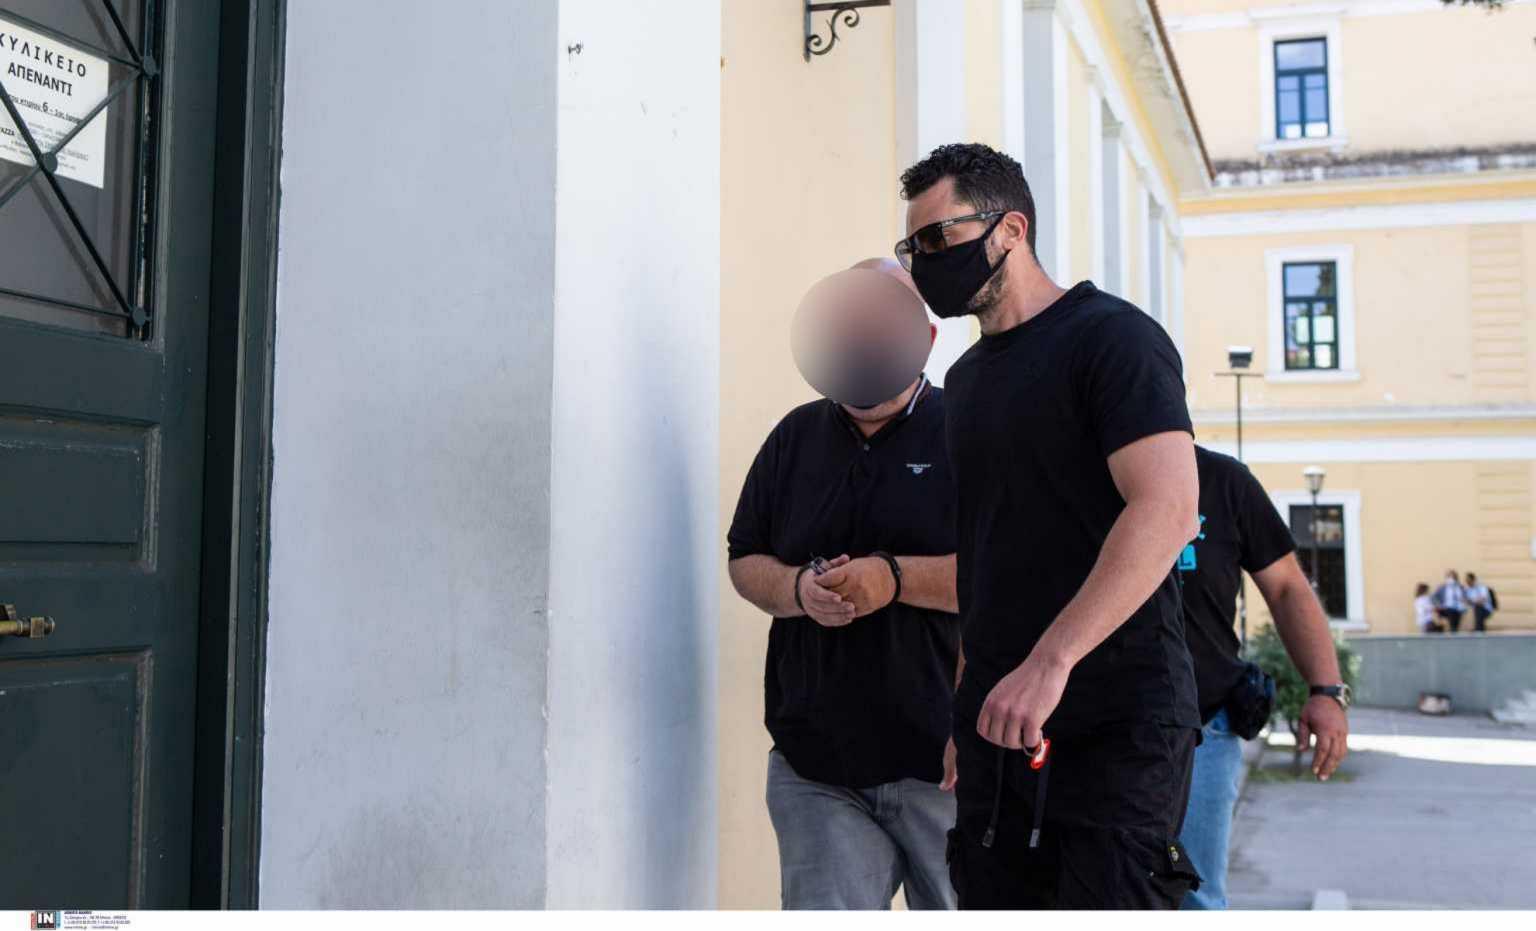 Ραφήνα: Προφυλακιστέος ο 45χρονος για την απόπειρα απαγωγής της 13χρονης